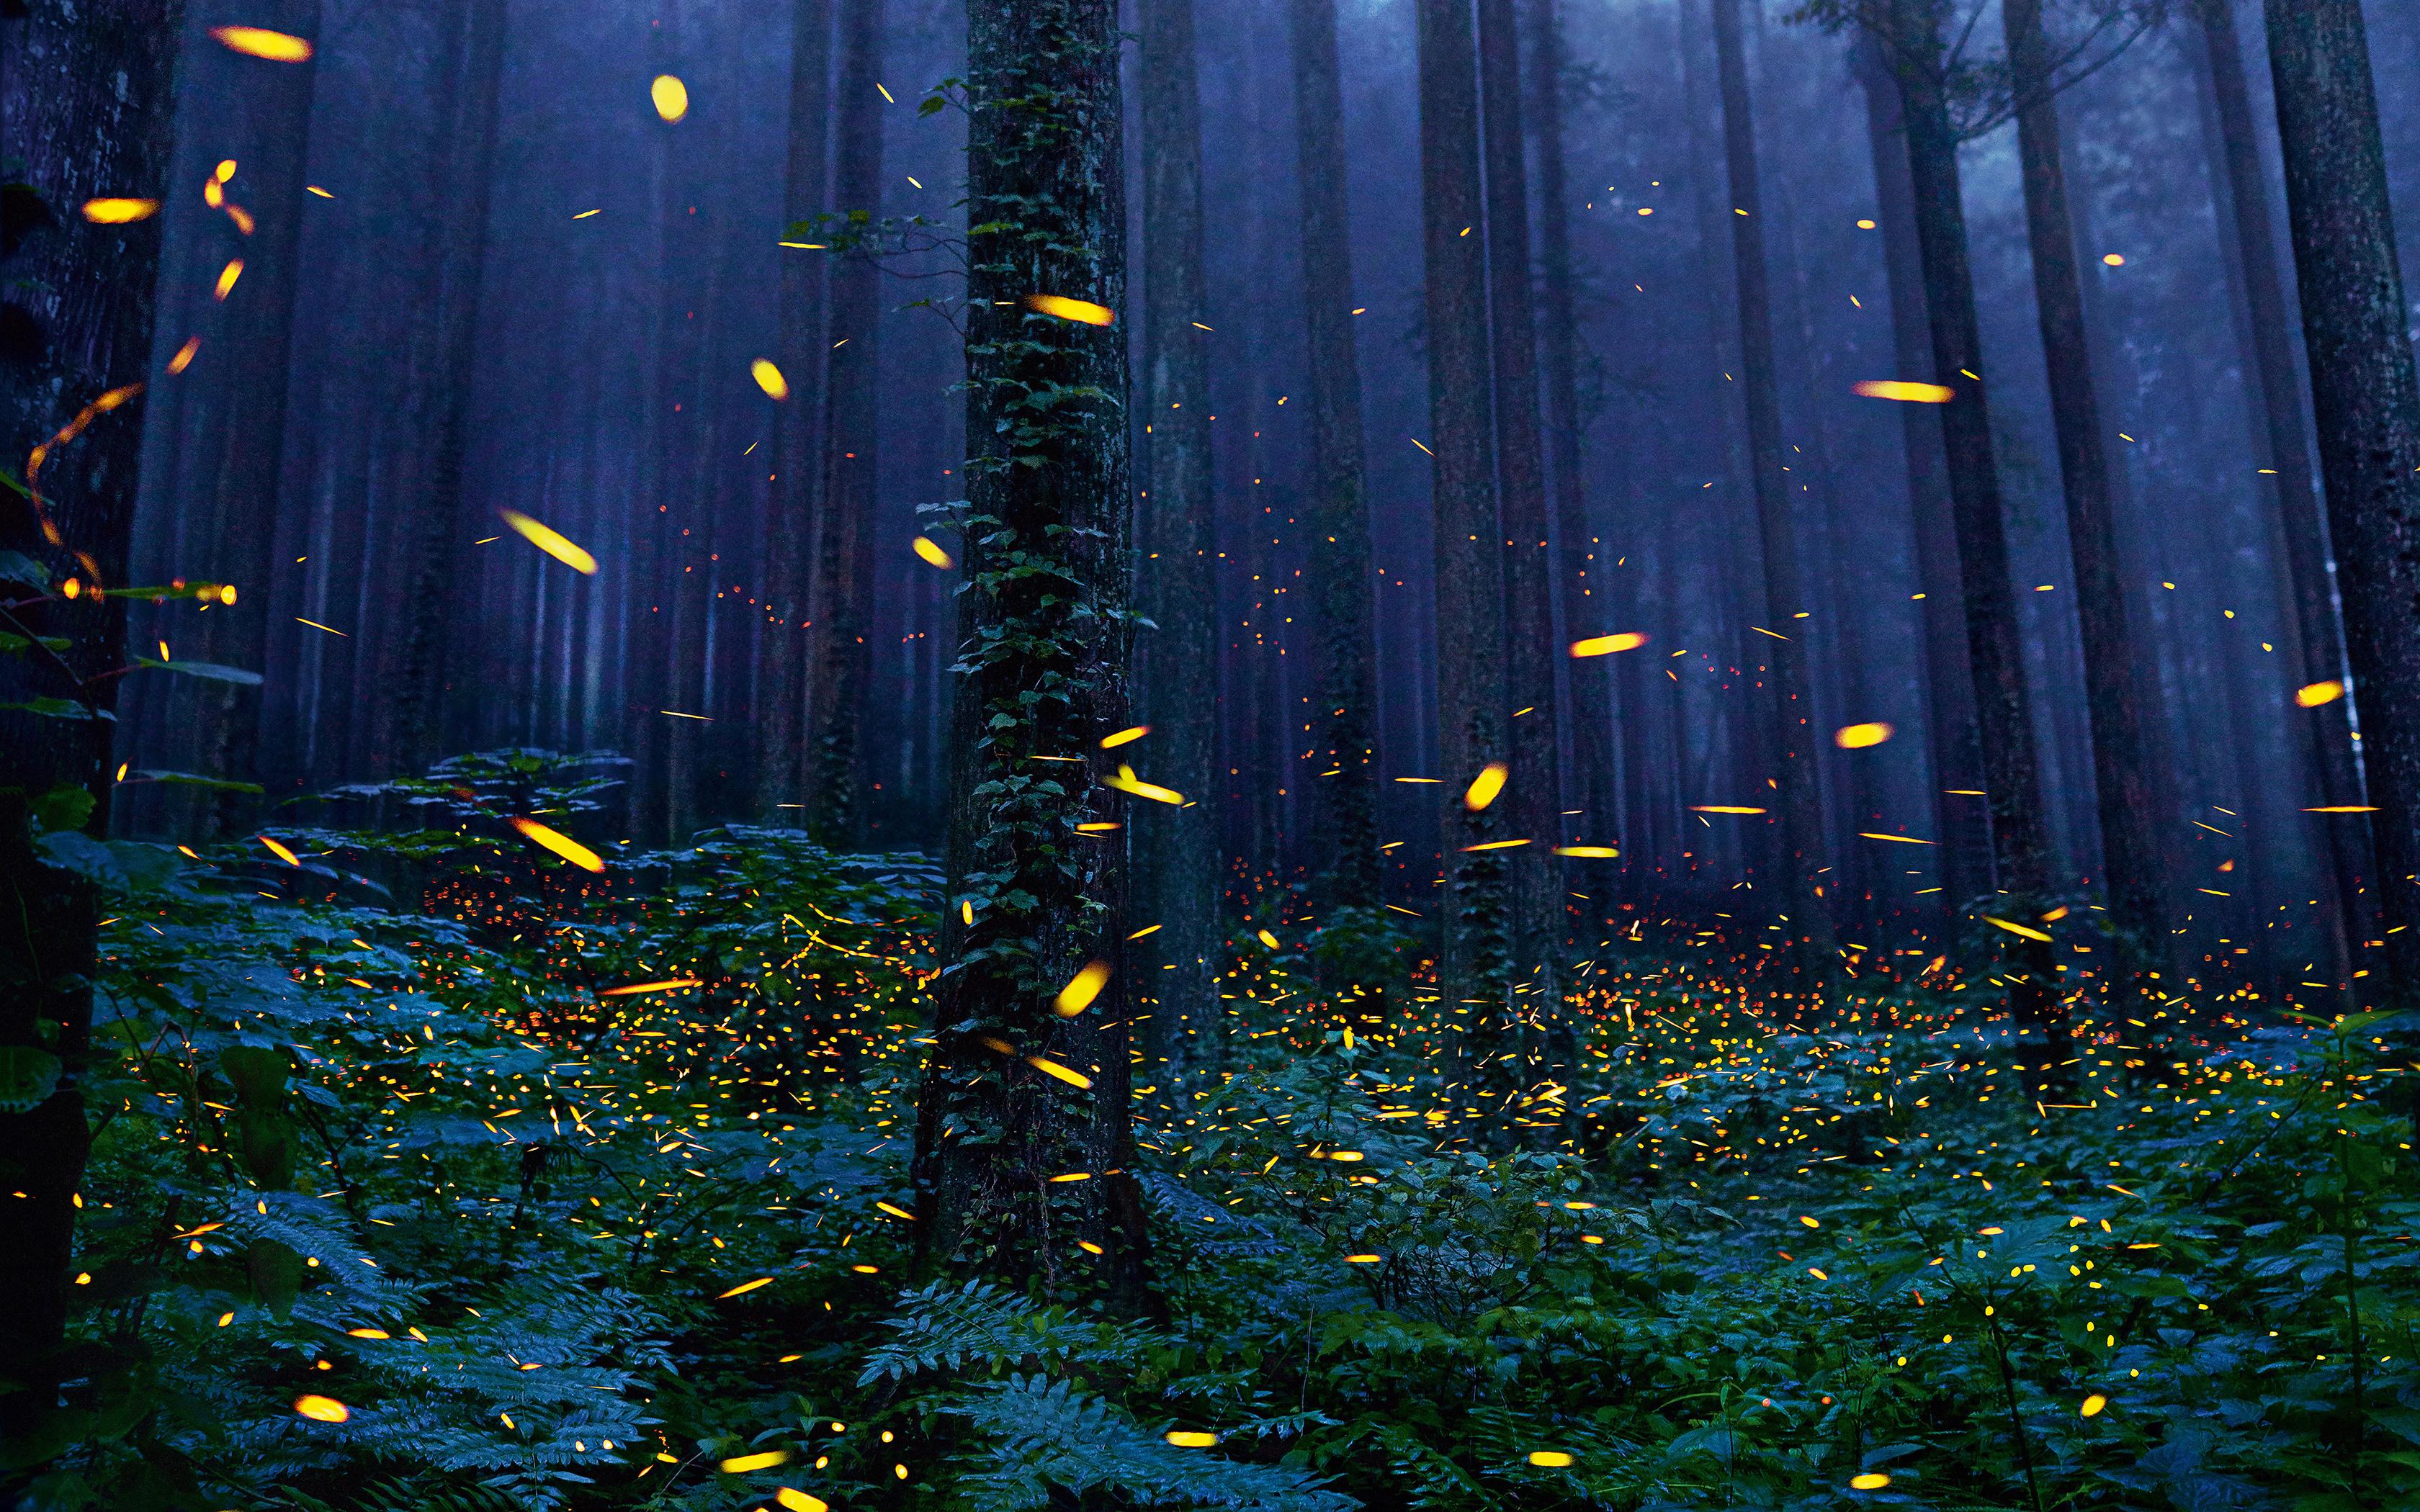 1125x2436 Fireflies Forest 4k Iphone X,Iphone 10 HD 4k Wallpapers ... for Fireflies Wallpaper Iphone  570bof